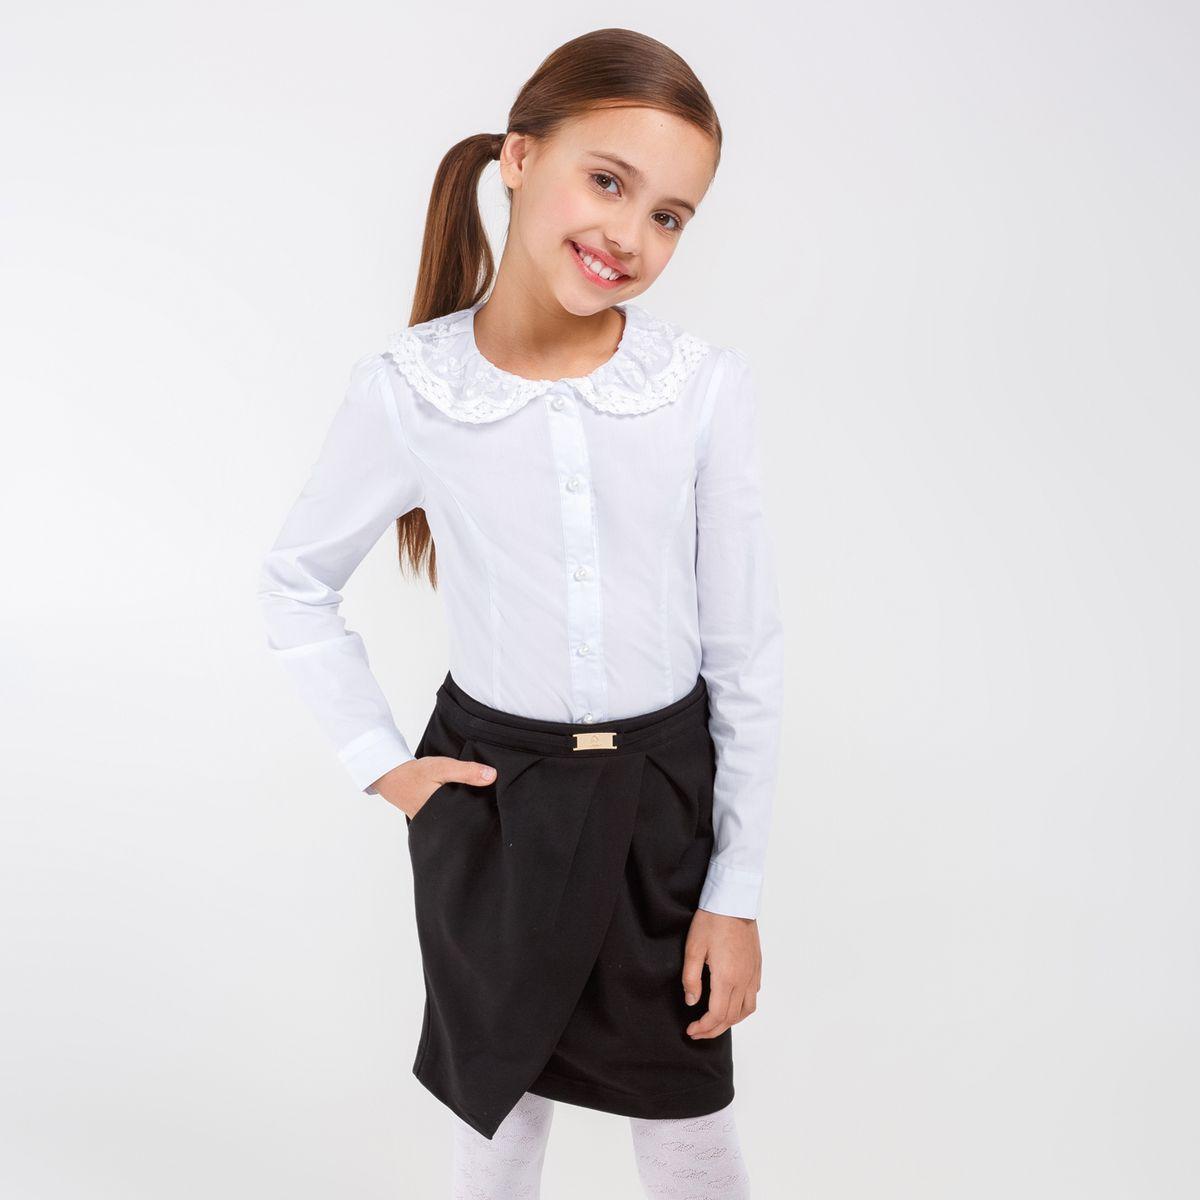 Блузки Для Девочек Интернет Магазин